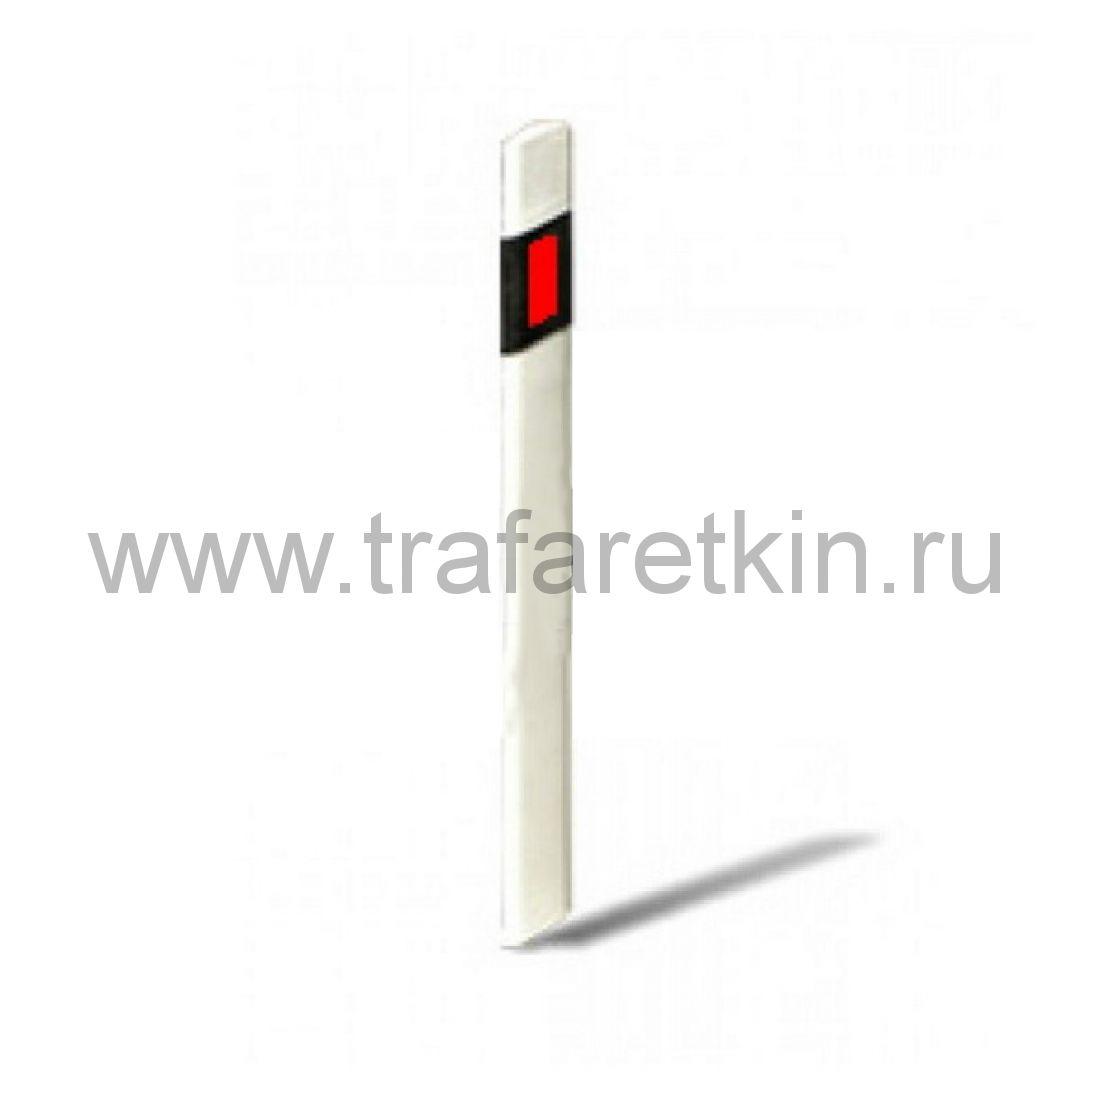 Столбик Сигнальный С1 (временный)